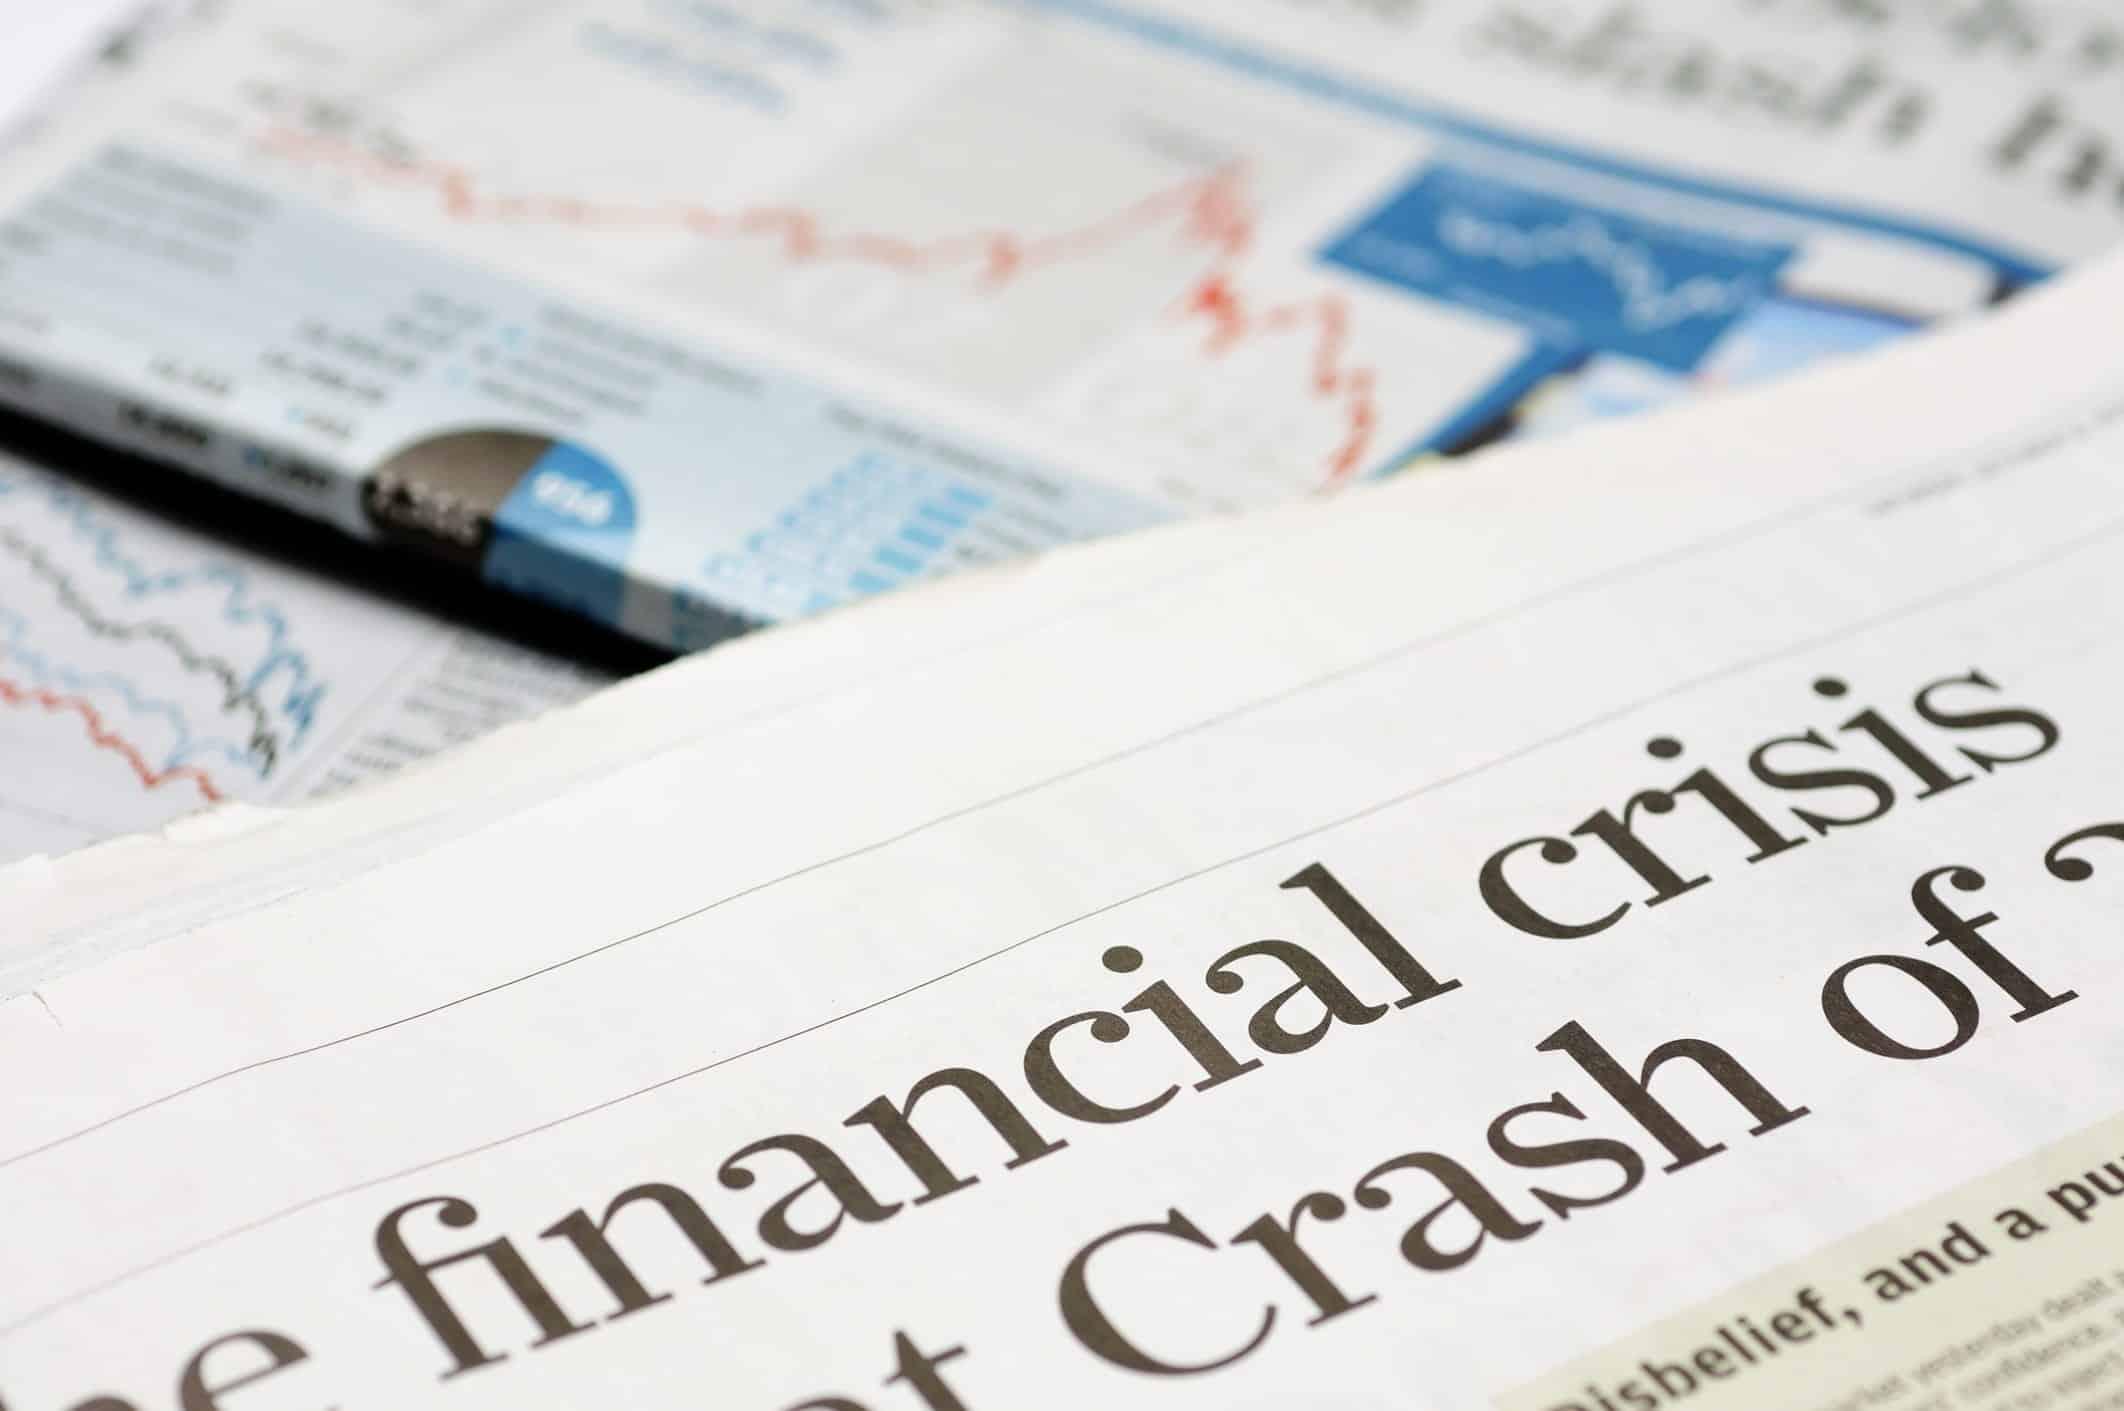 Überschrift in Zeitung: Finanzkrise